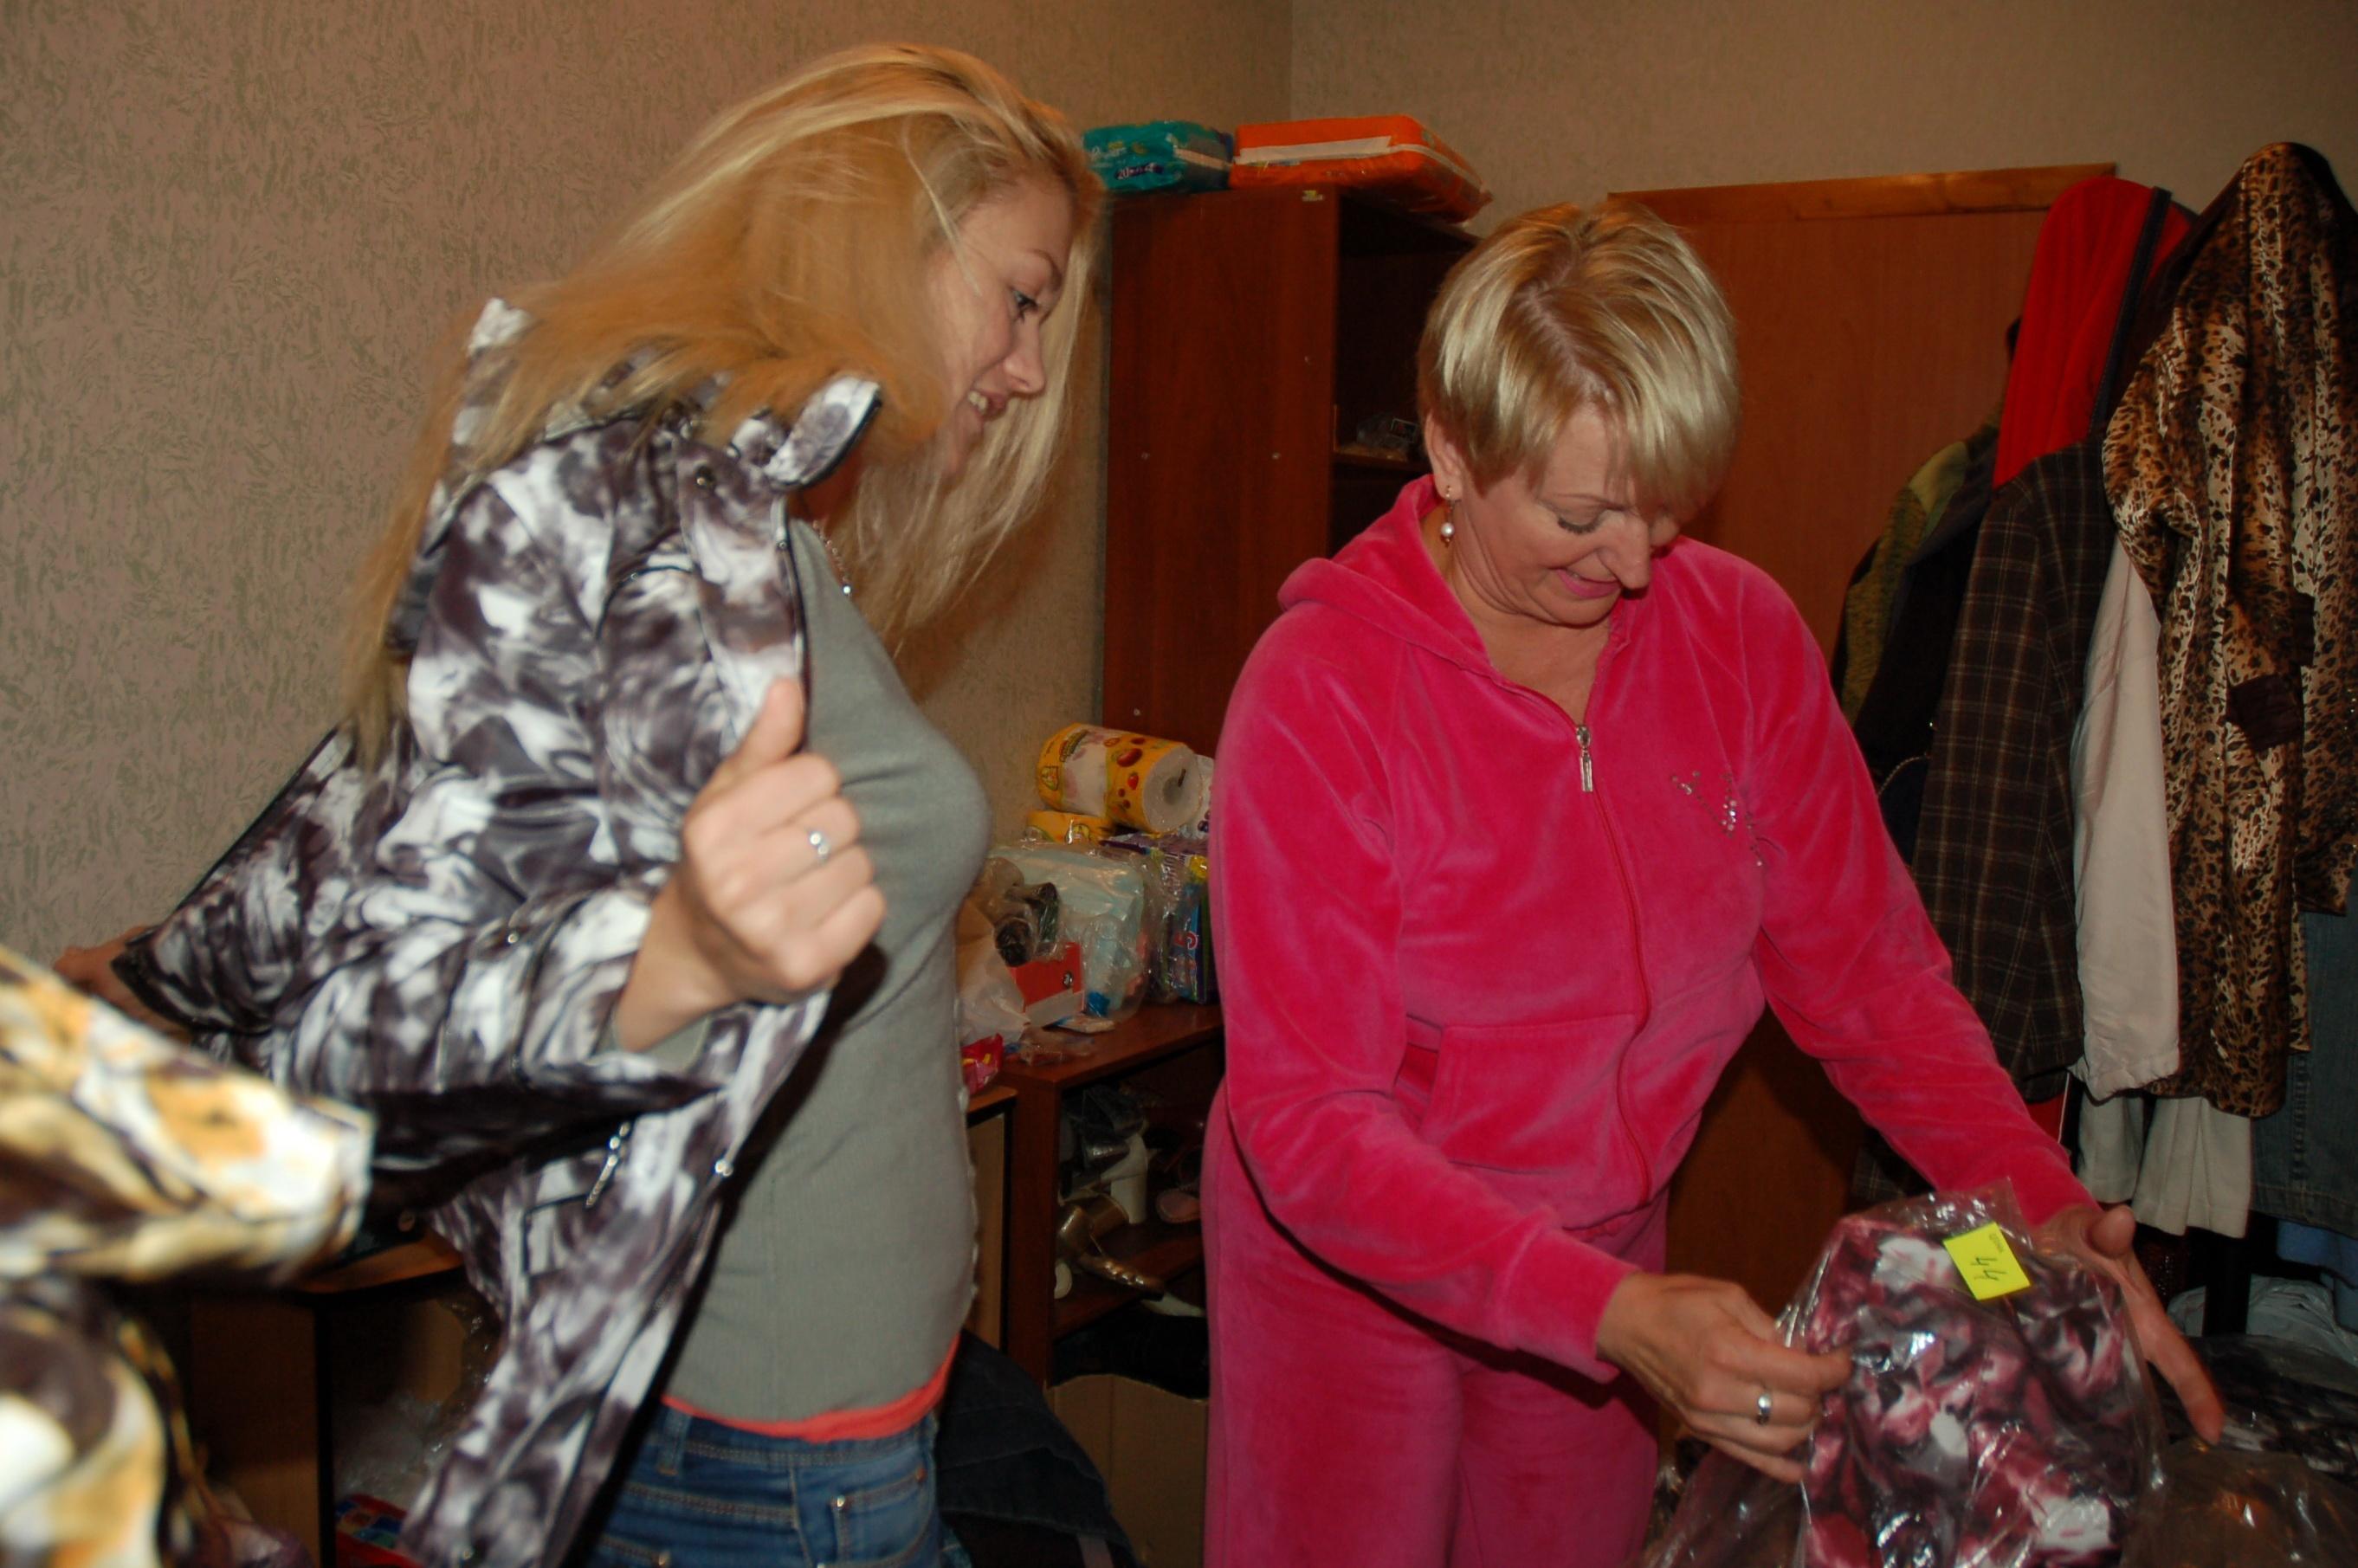 Сотрудники швейного цеха привезли для переселенцев женские куртки. Просто потому что в этот день сильно похолодало.